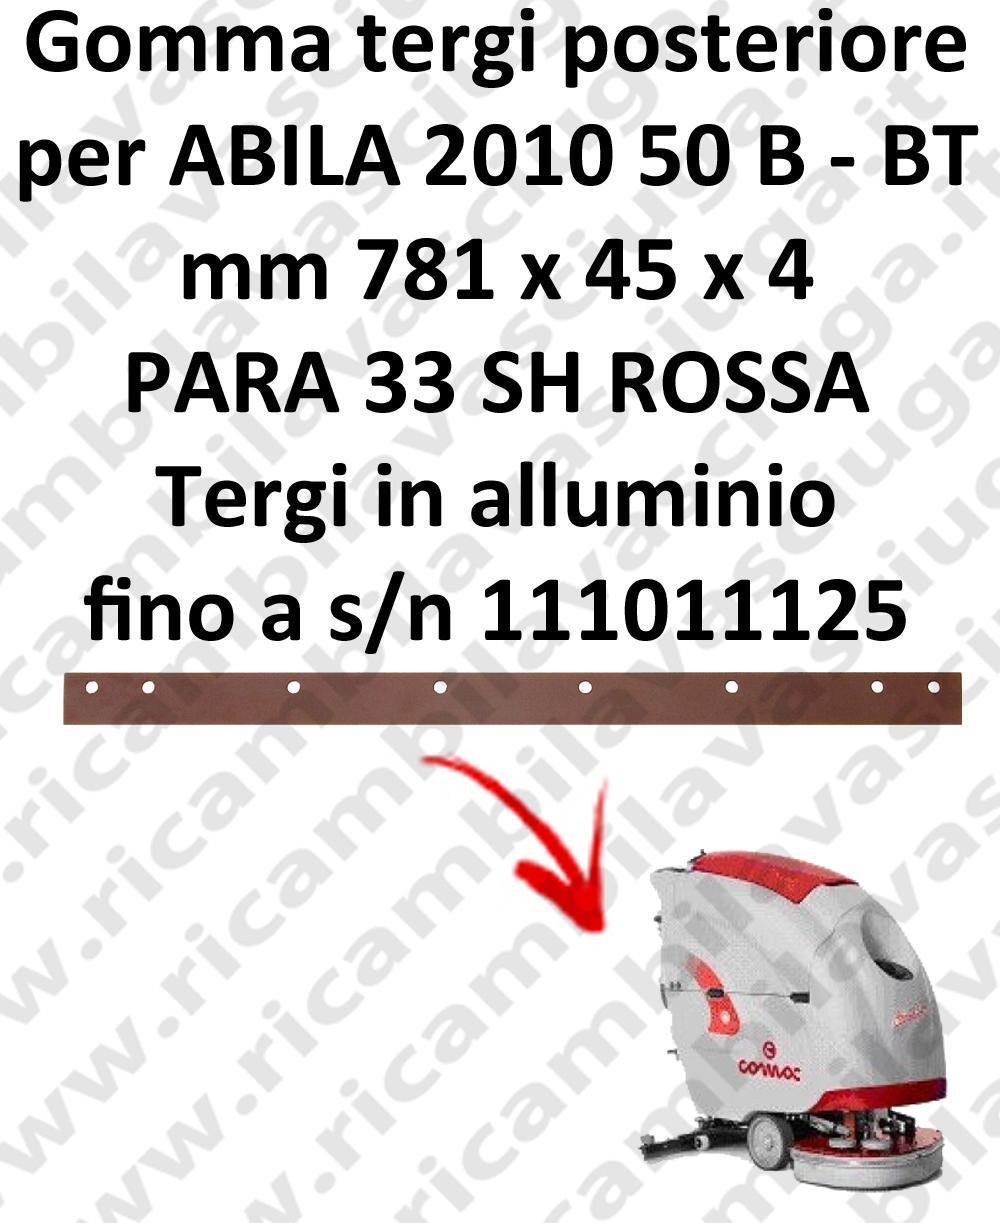 ABILA 2010 50 B - BT fino a s/n 111011125 goma de secado trasero para COMAC repuestos fregadoras squeegee